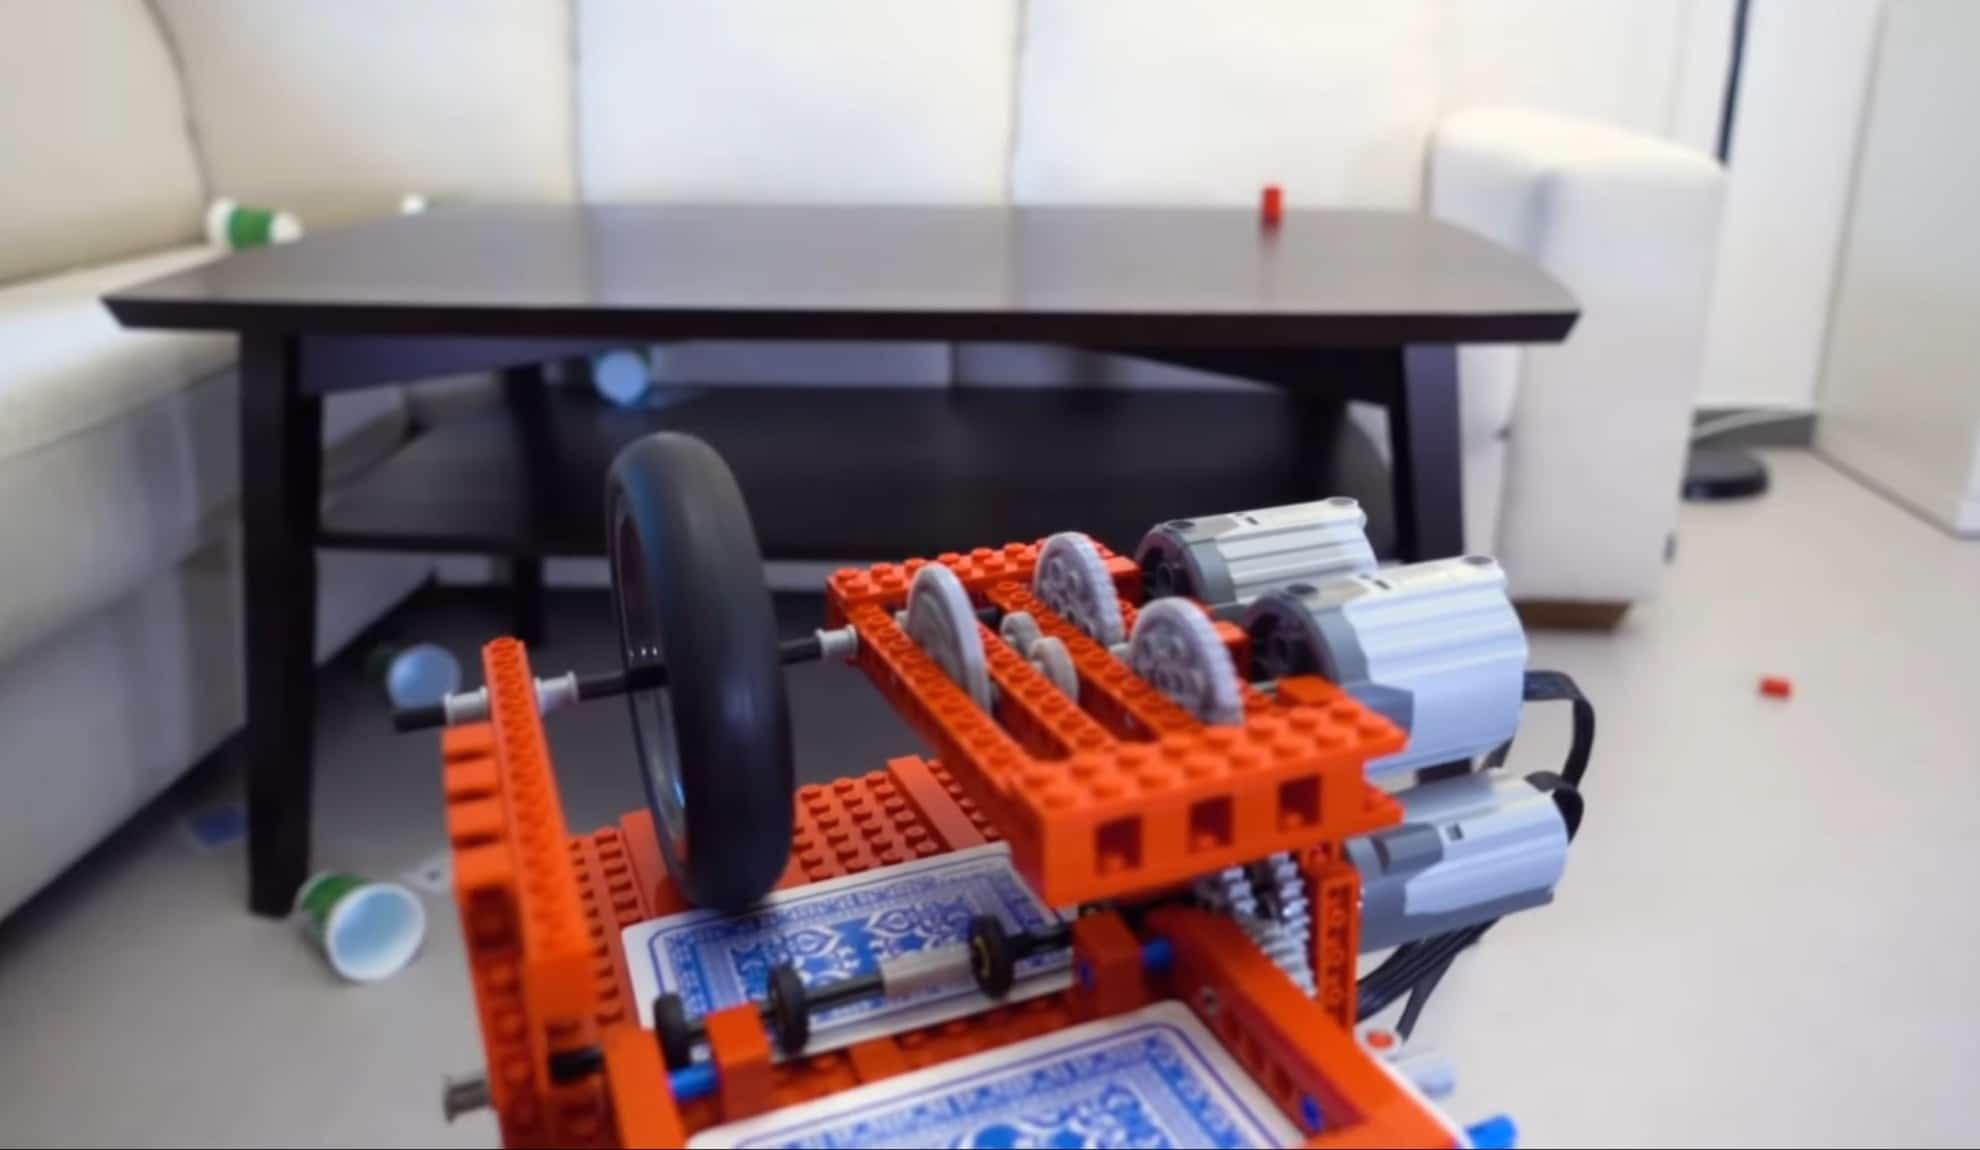 Das ist das ungewöhnliche LEGO-MG. (Foto: Screenshot / YouTube)